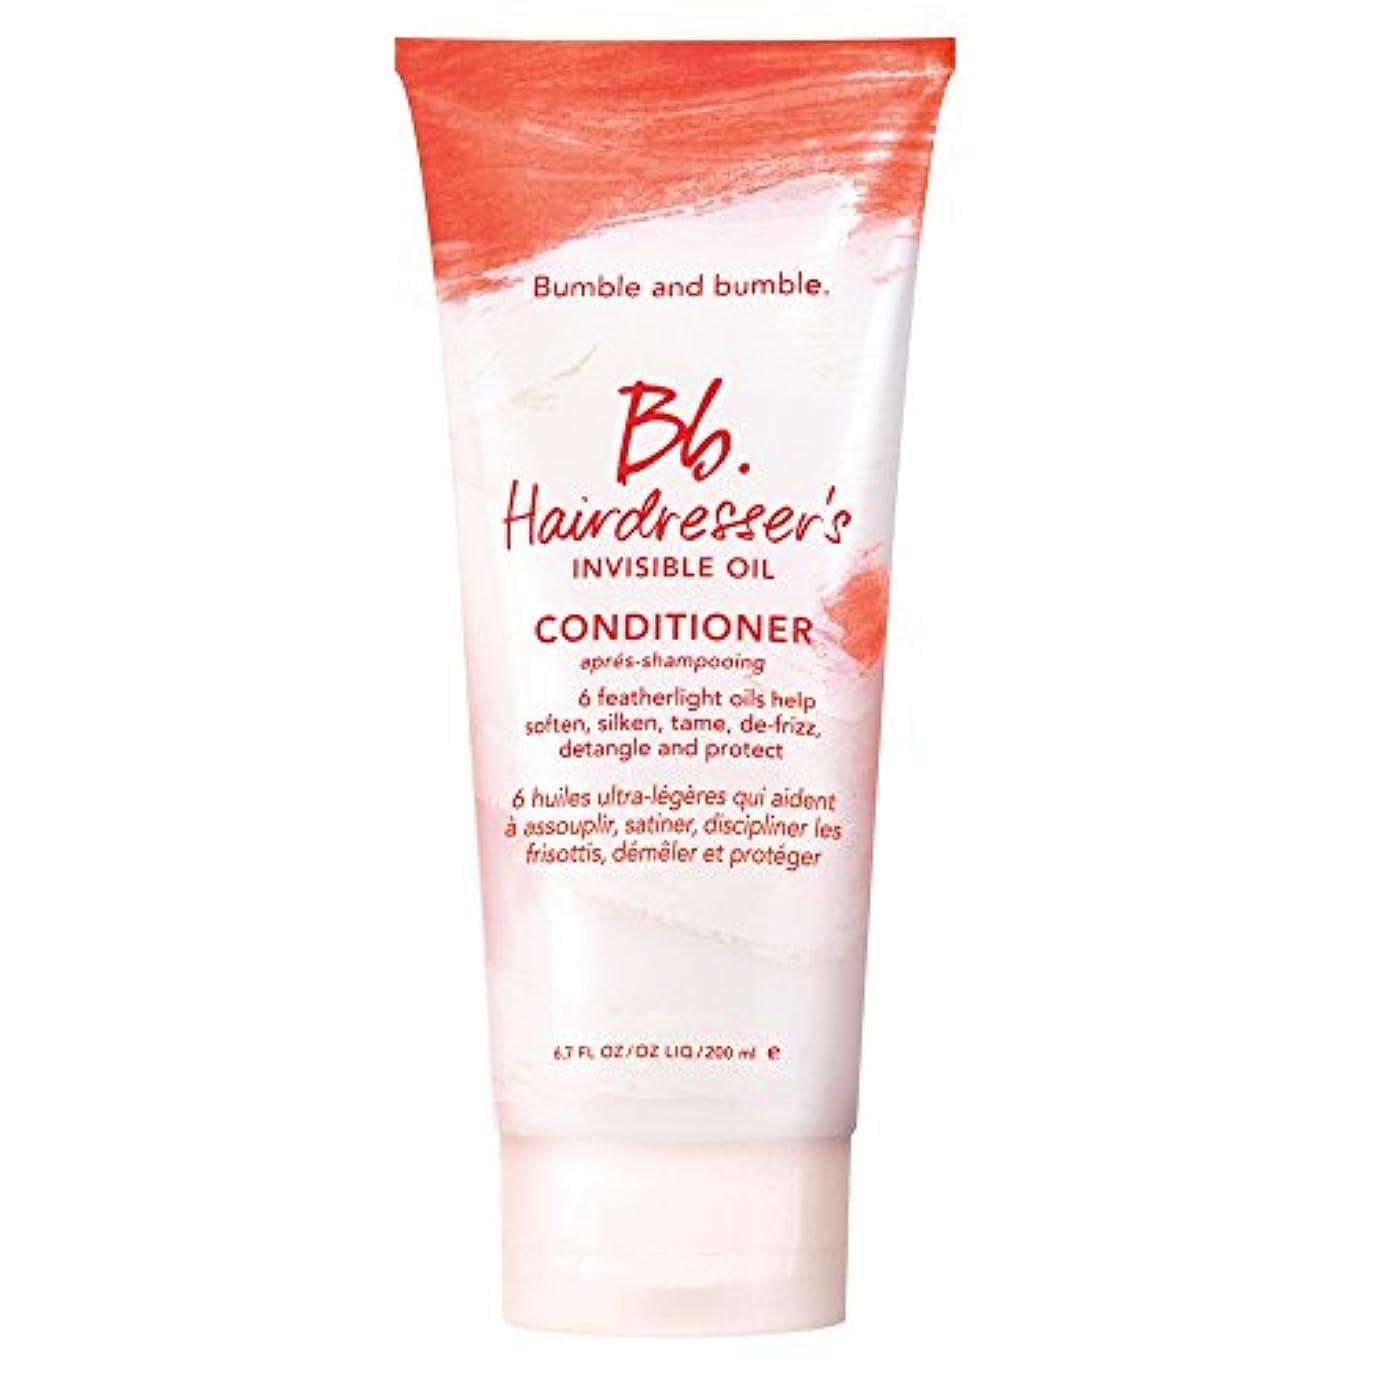 スライスめまい怪しいバンブルアンドバンブル美容見えないオイルコンディショナー200ミリリットル (Bumble and bumble) (x2) - Bumble and bumble Hairdressers invisible oil...